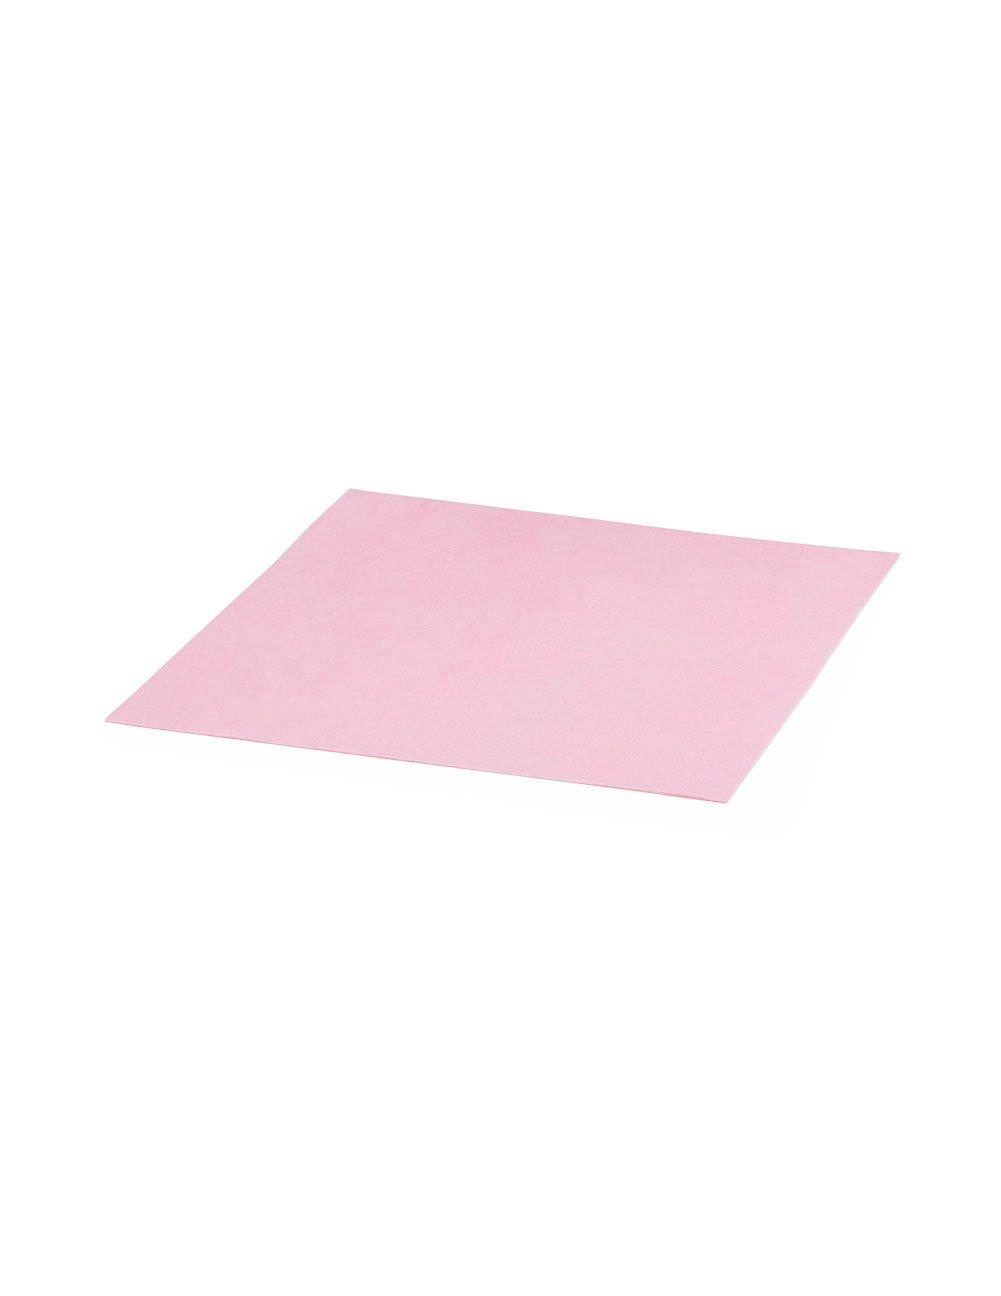 12' X 12' Stiff Felt - Bubblegum Pink, 1 Pc The Felt Store